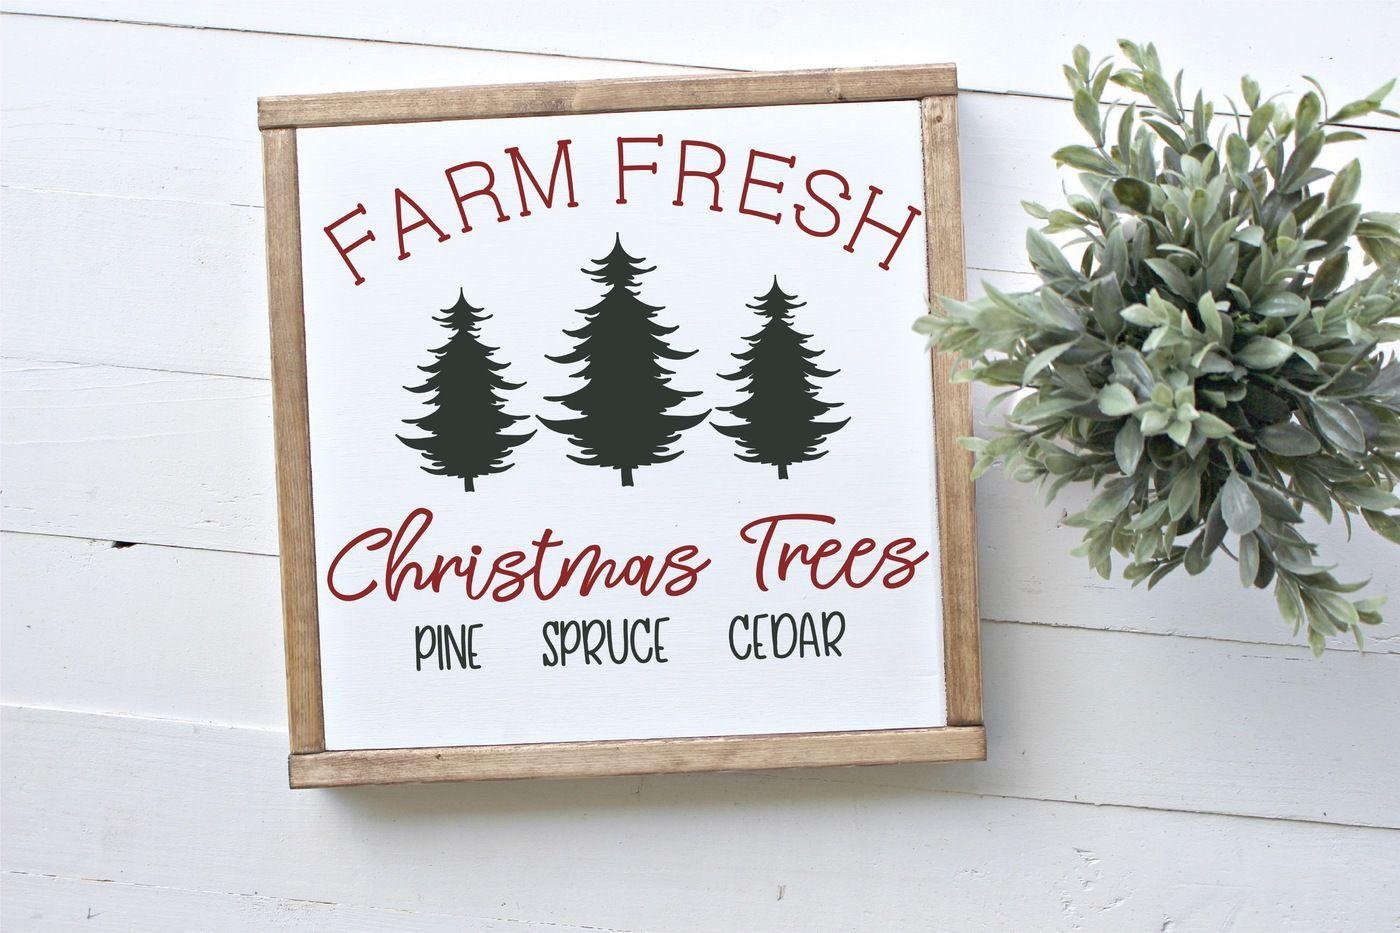 Farm Fresh Christmas Trees Svg.Farm Fresh Christmas Trees Svg By Rosemary Designs